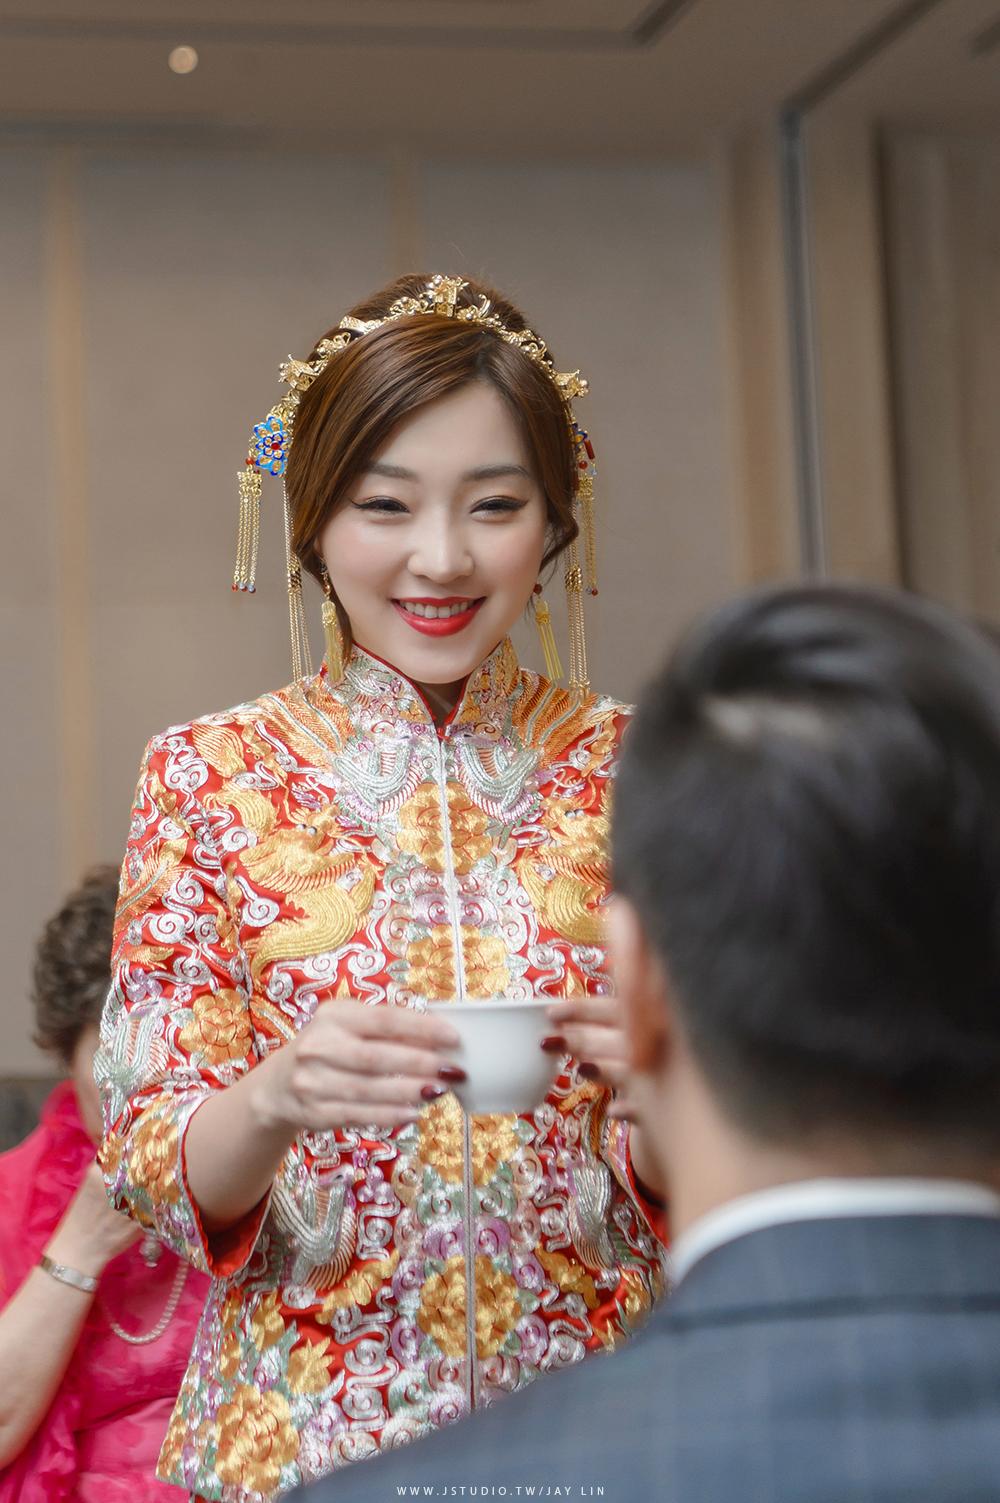 婚攝 台北婚攝 婚禮紀錄 推薦婚攝 美福大飯店JSTUDIO_0030